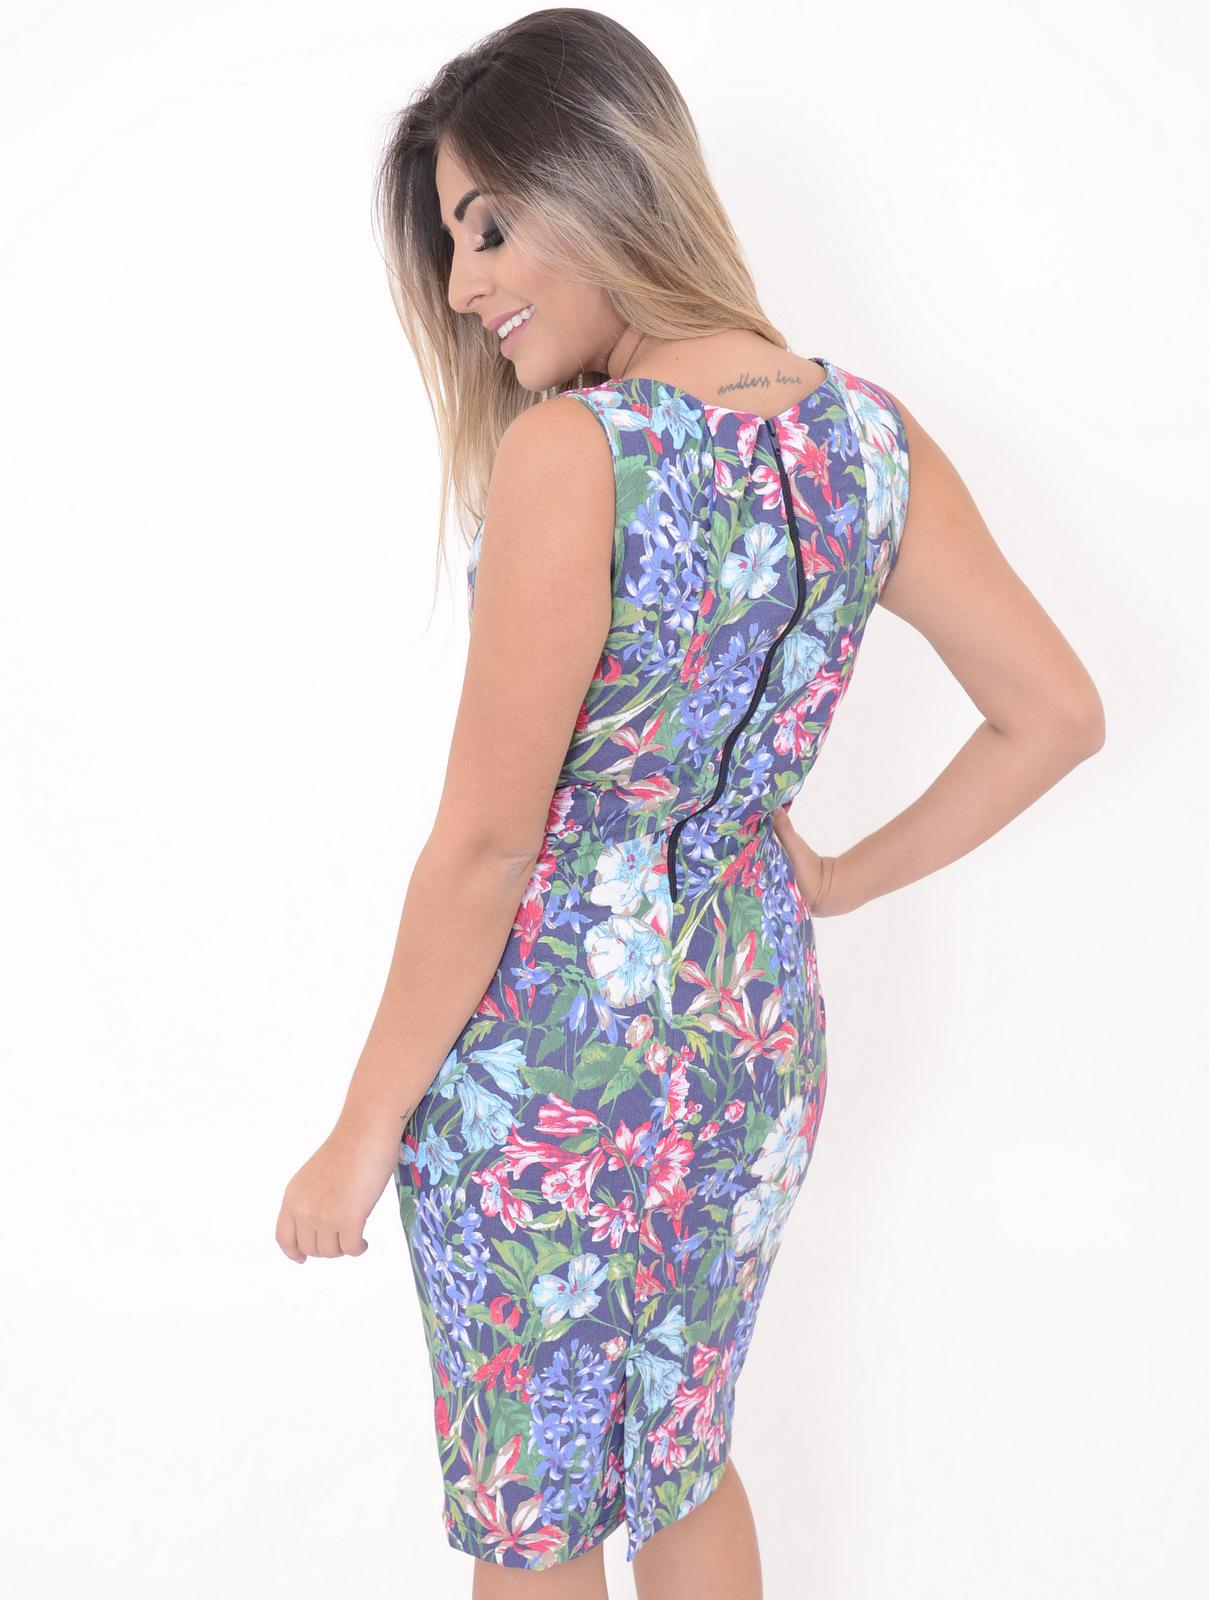 modelo usando Vestido Claire com estampa florida da marca Vestido de Chita